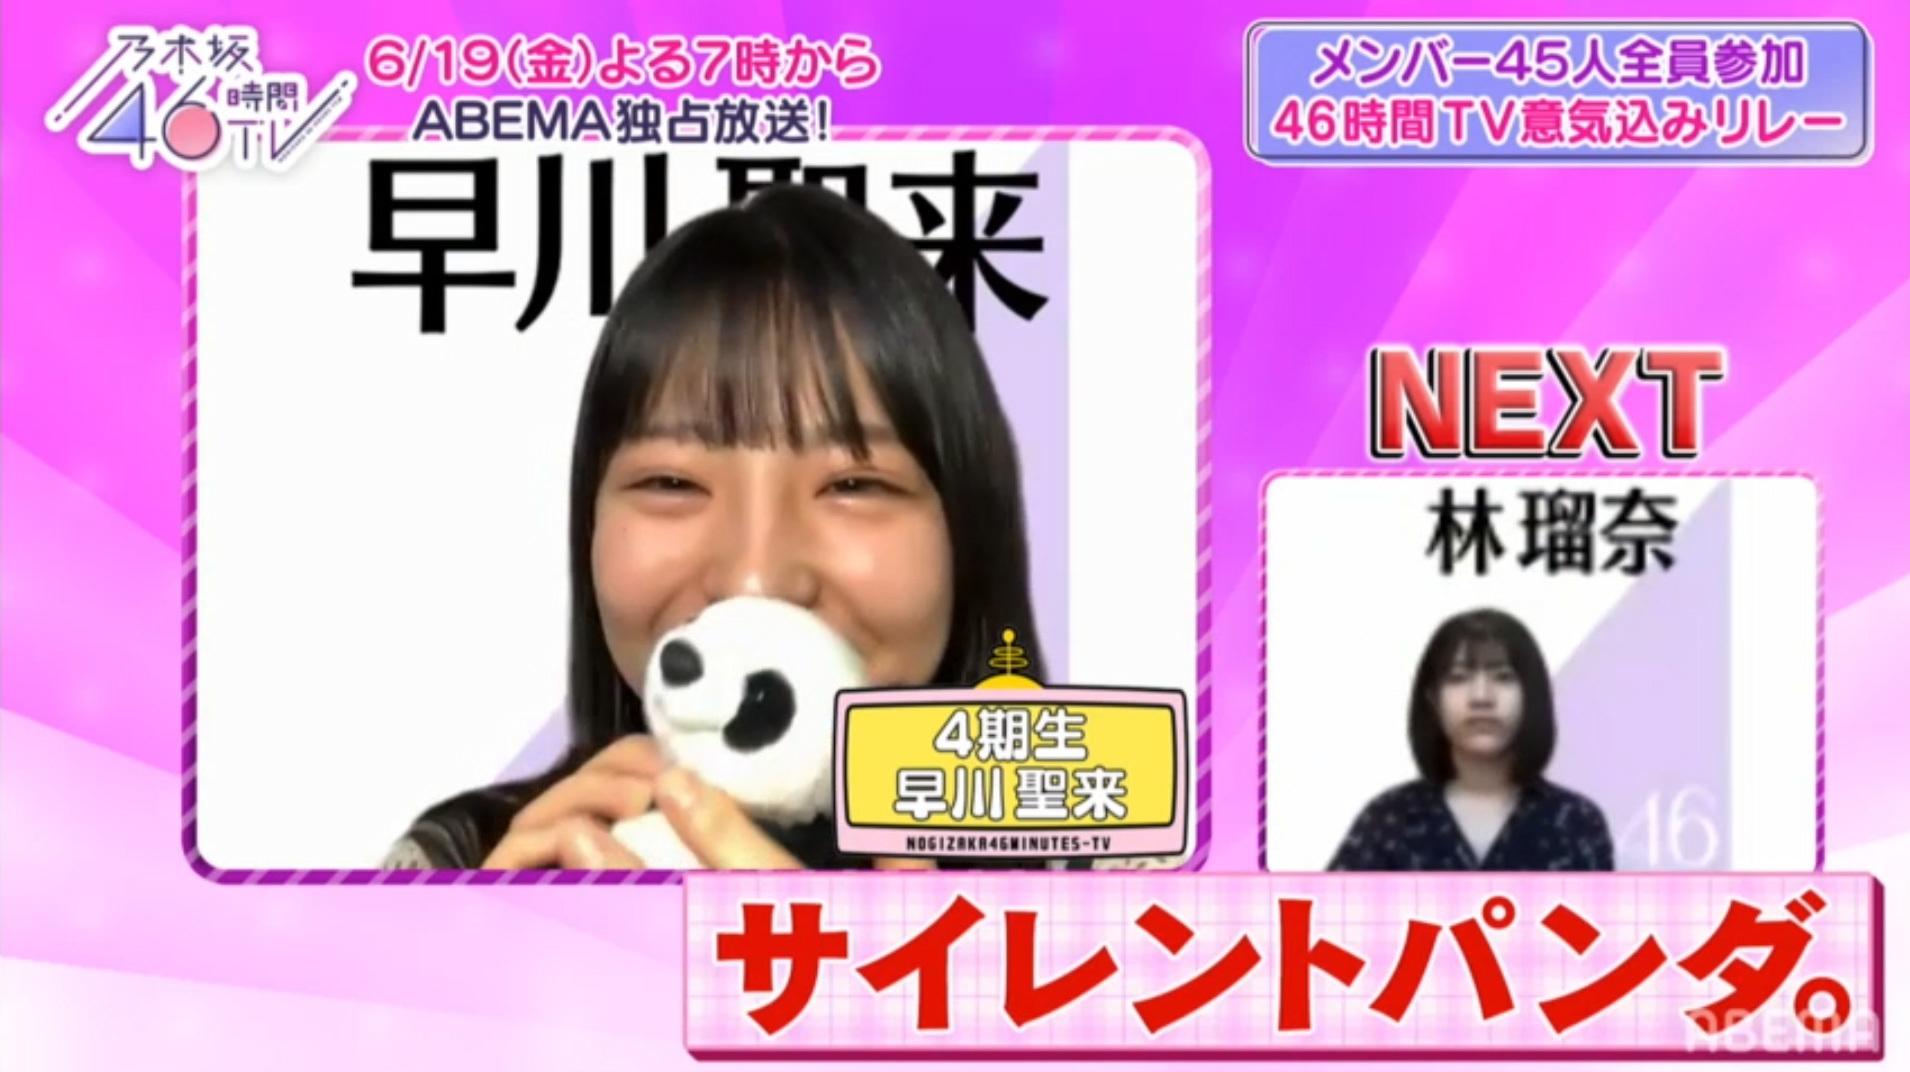 乃木坂46分TV 早川聖来 サイレントパンダ